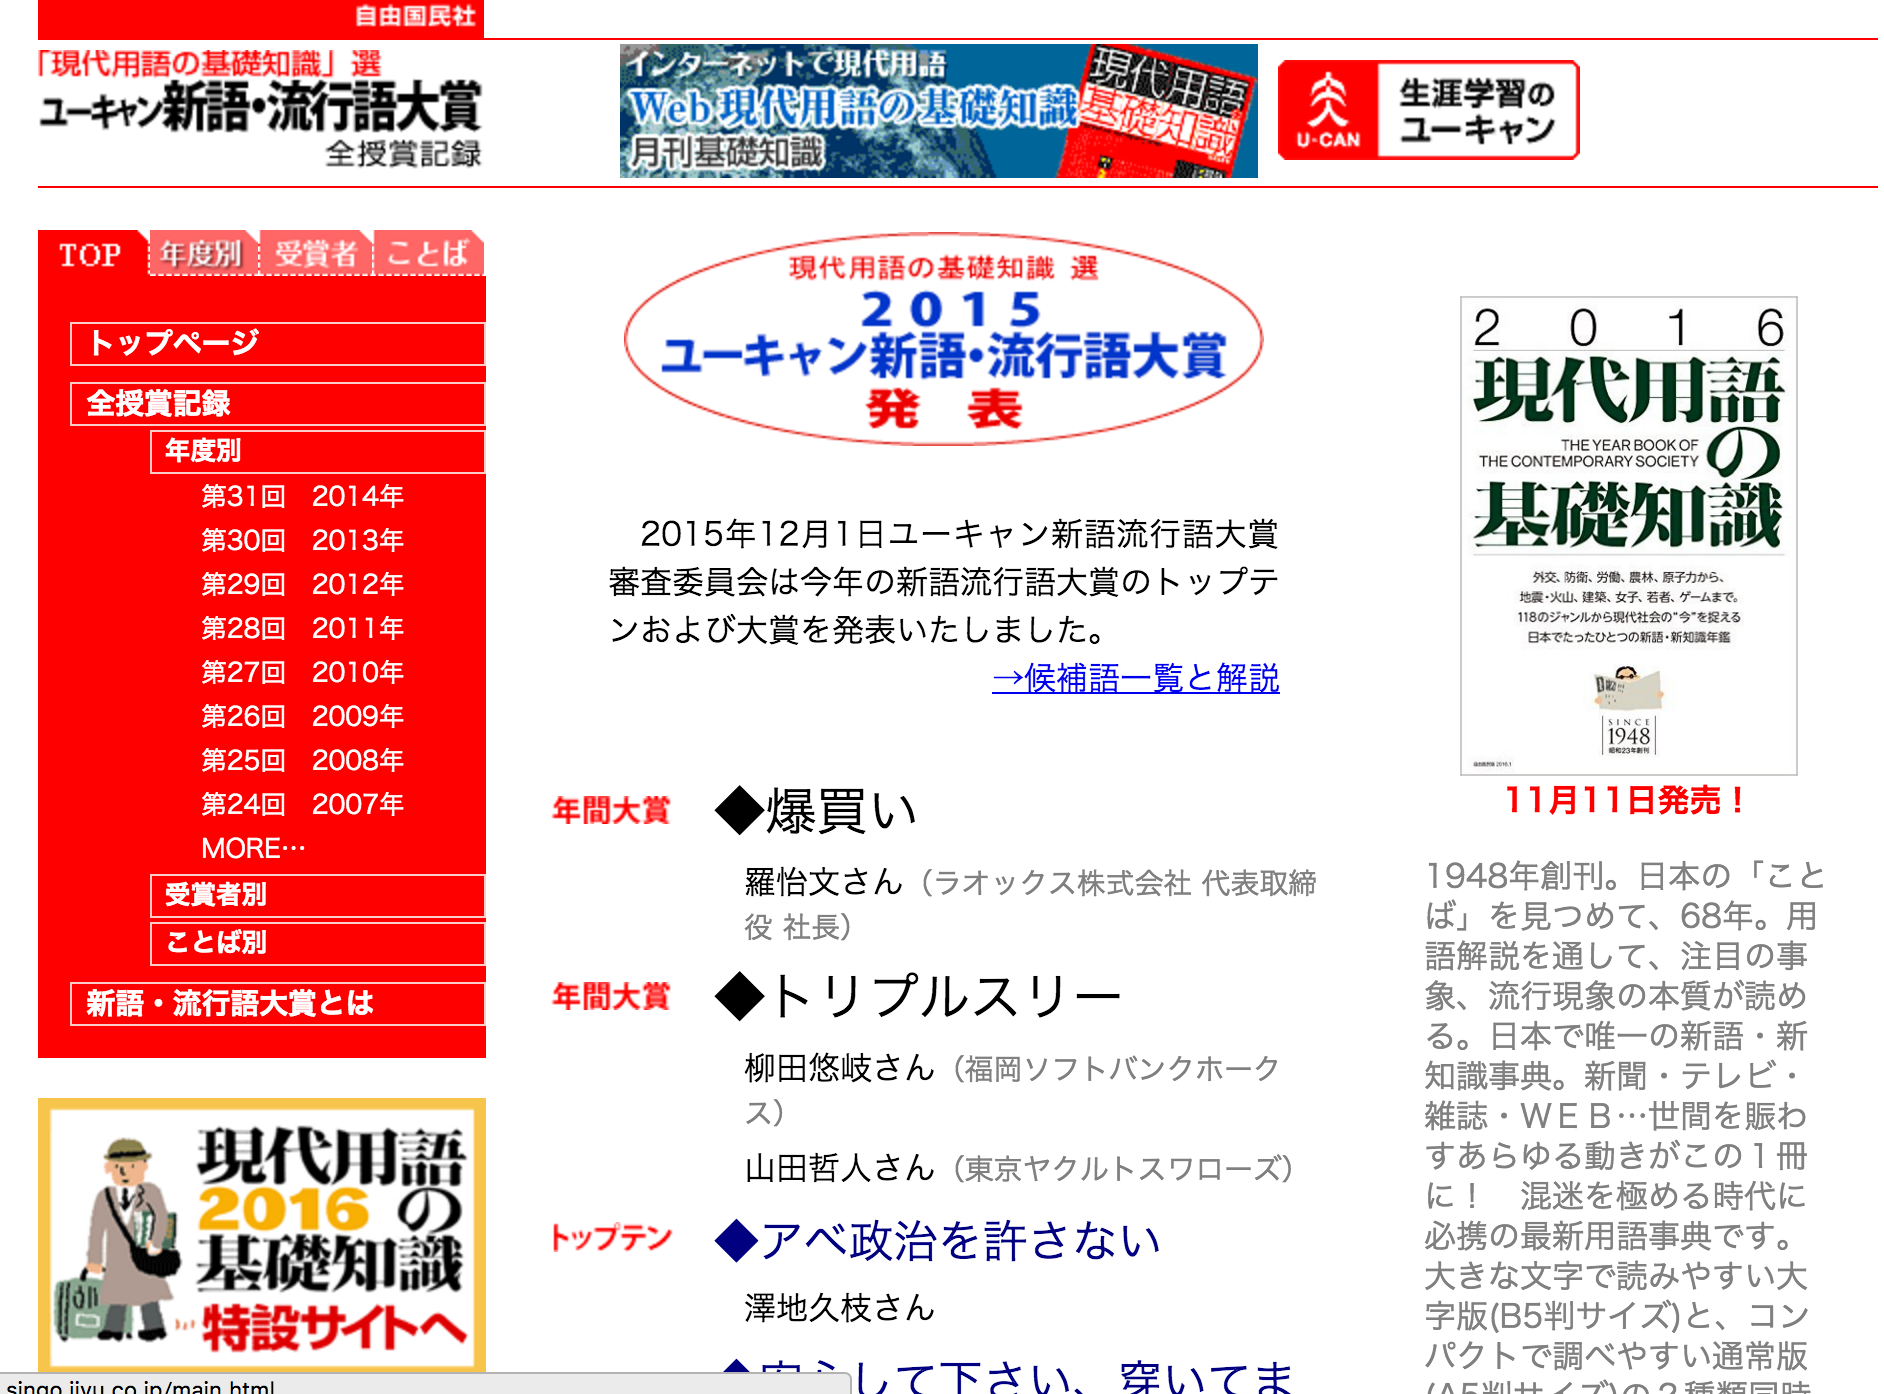 全然違う、「新語・流行語大賞」と「Google検索による流行語ランキング」